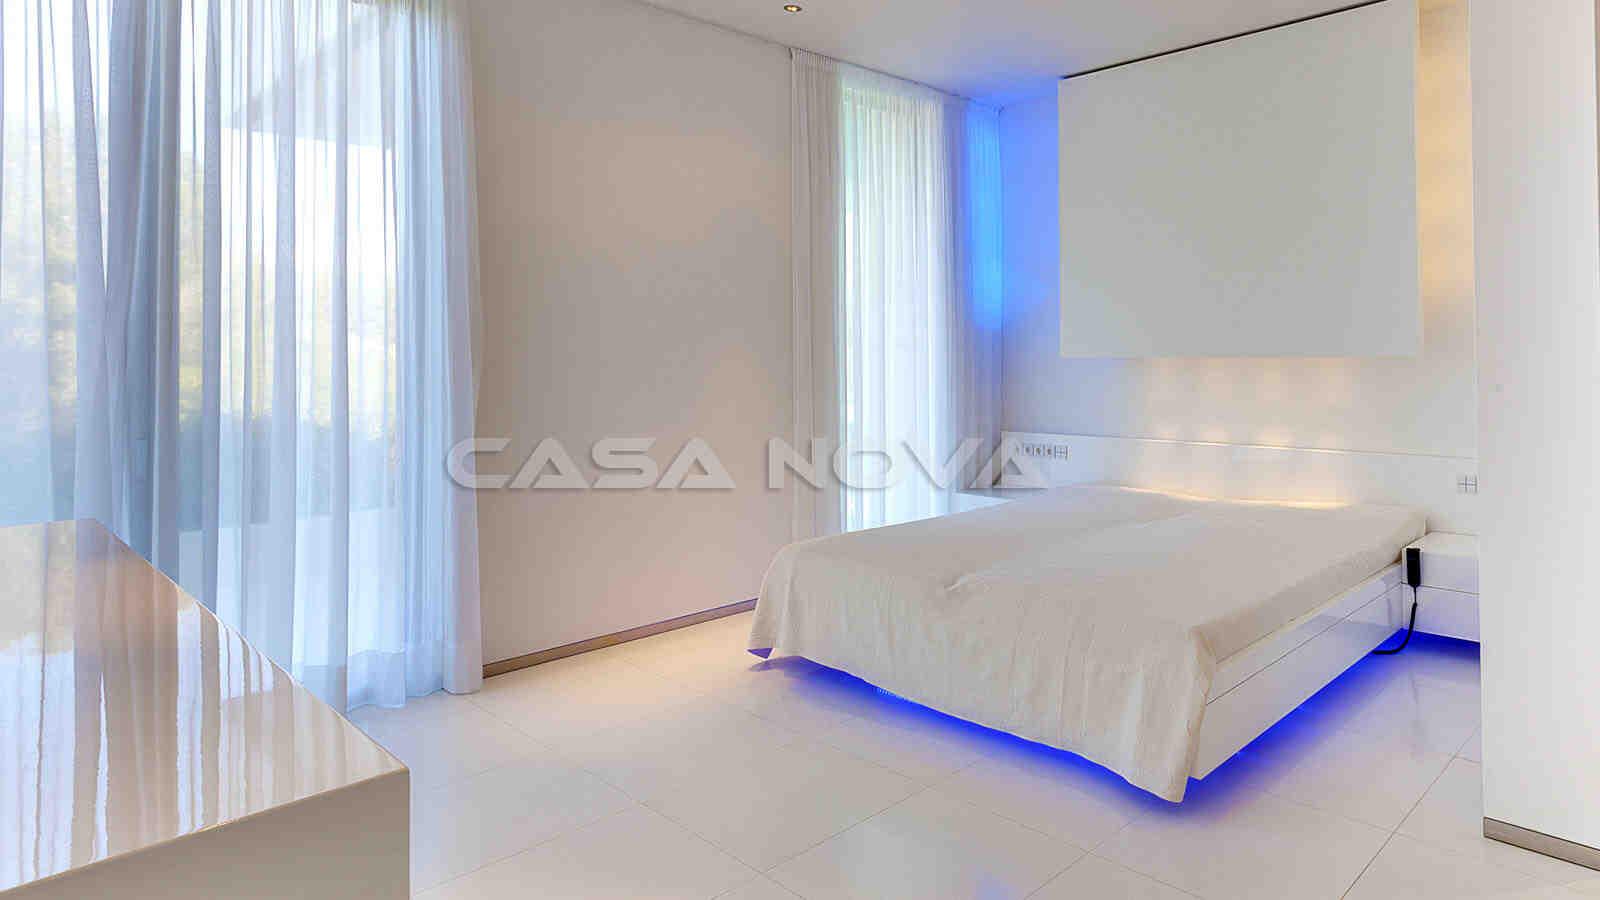 Elegantes Schlafzimmer mit viel natürlichem Lichteinfall